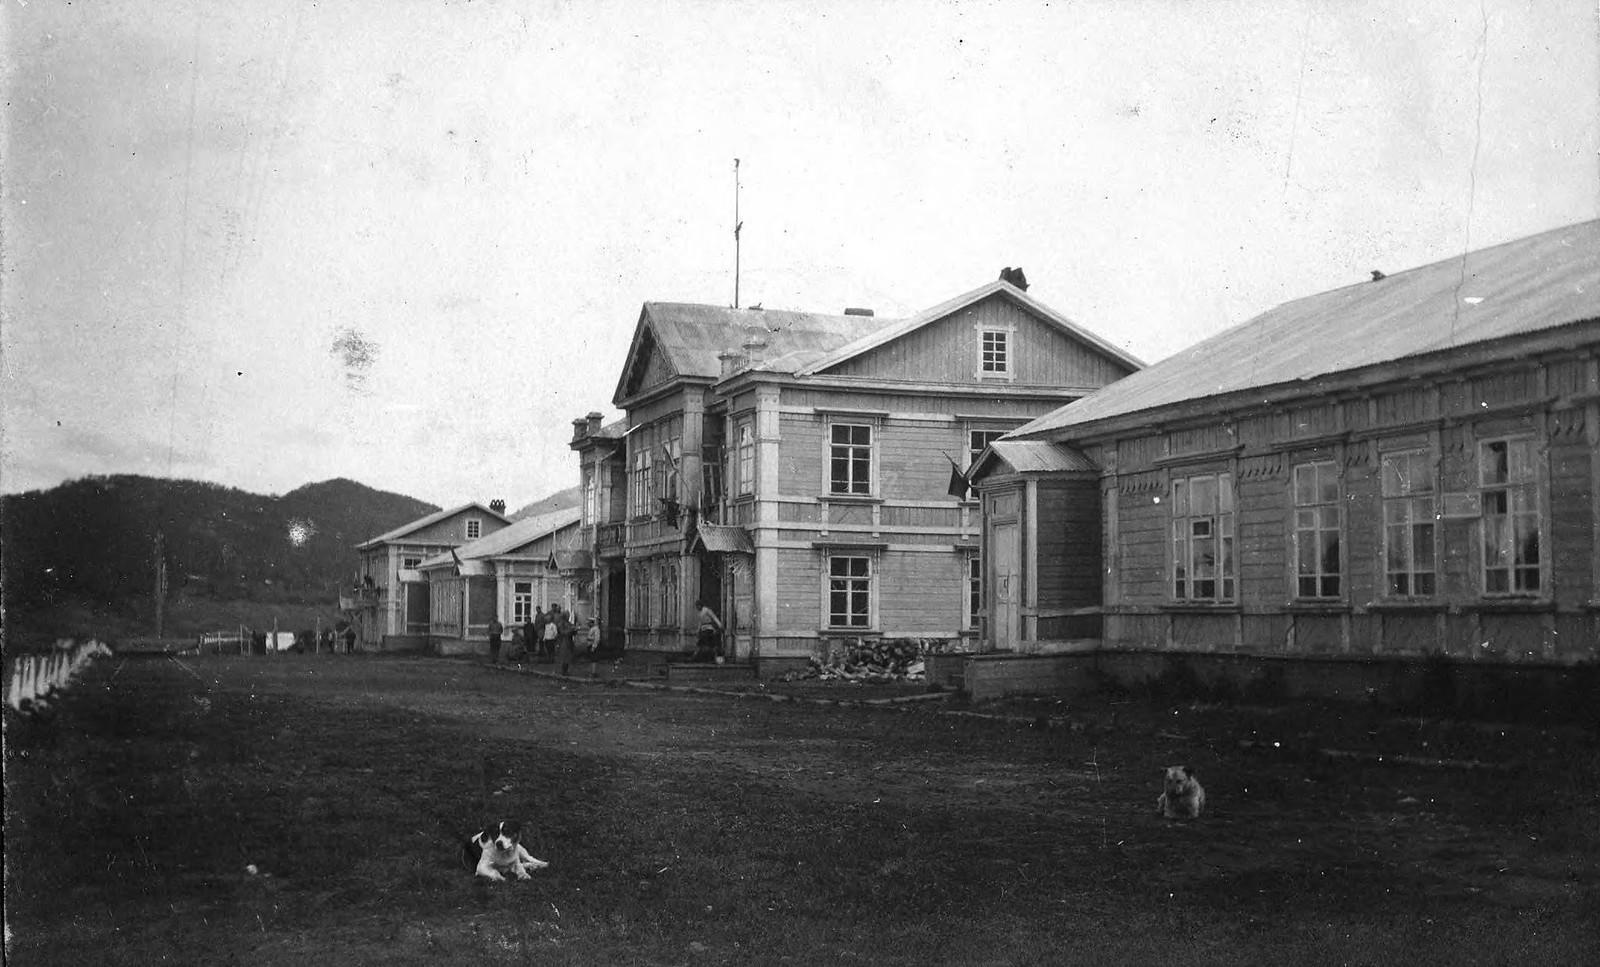 1915. Судейский городок. Дома, выстроенные в 1914 году